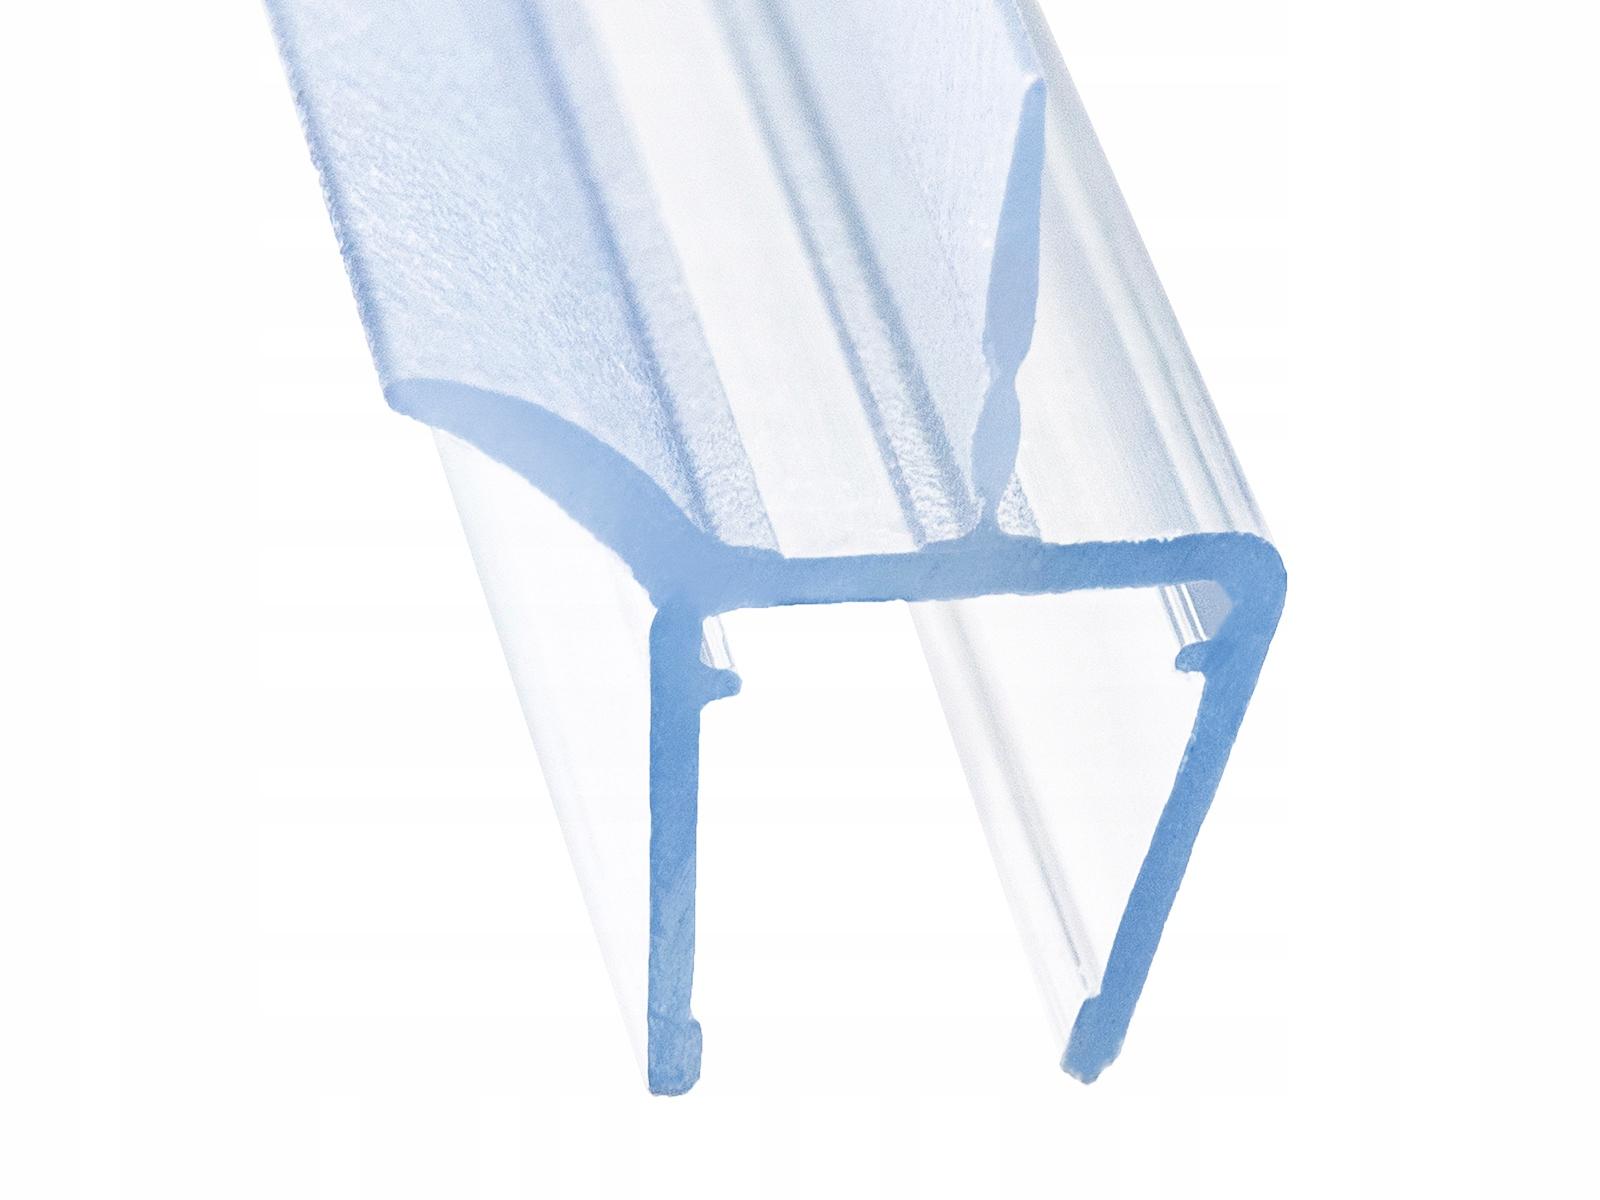 Sprchové kúty tesnenie UK03-10 10-12mm 50cm